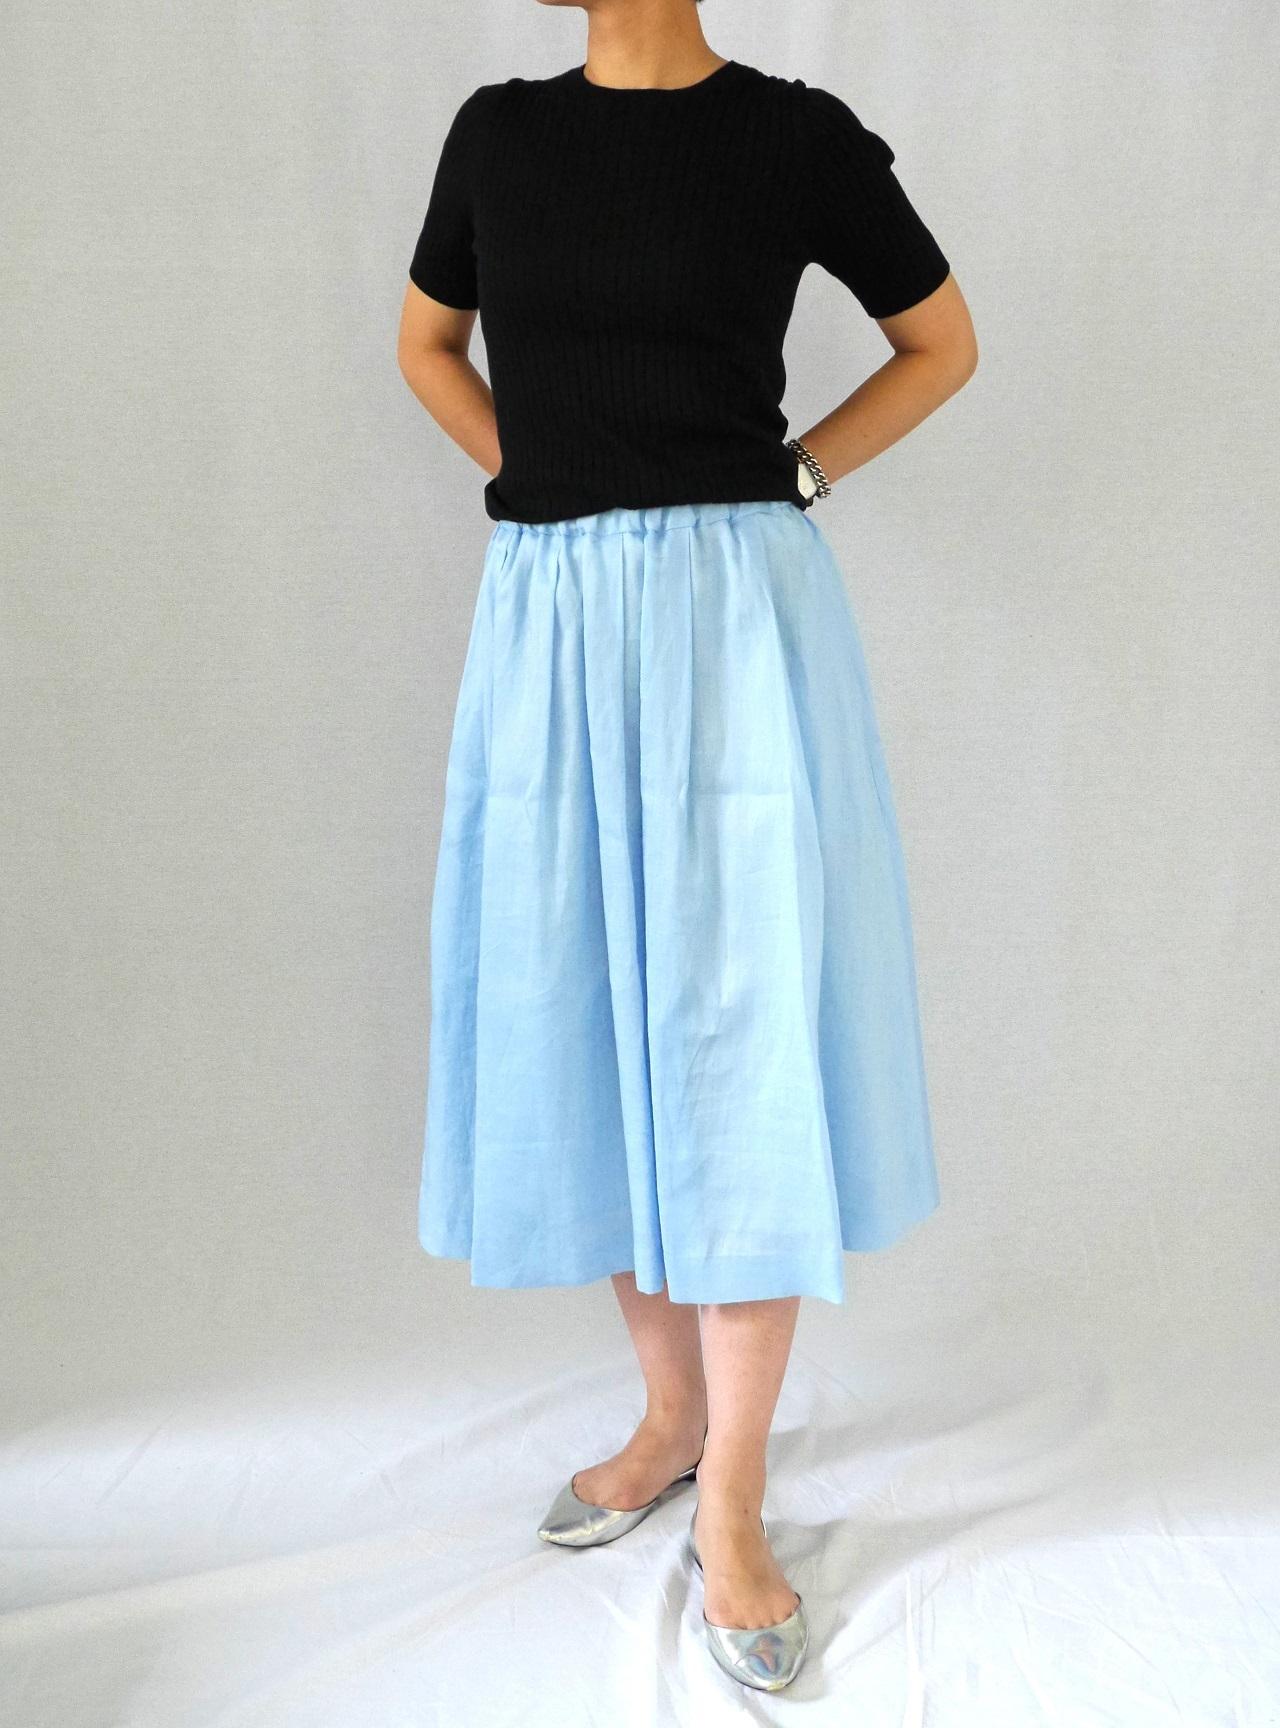 【SHOP Marisol】売れ売れが止まらない!「SACRA」のギャザースカート_1_2